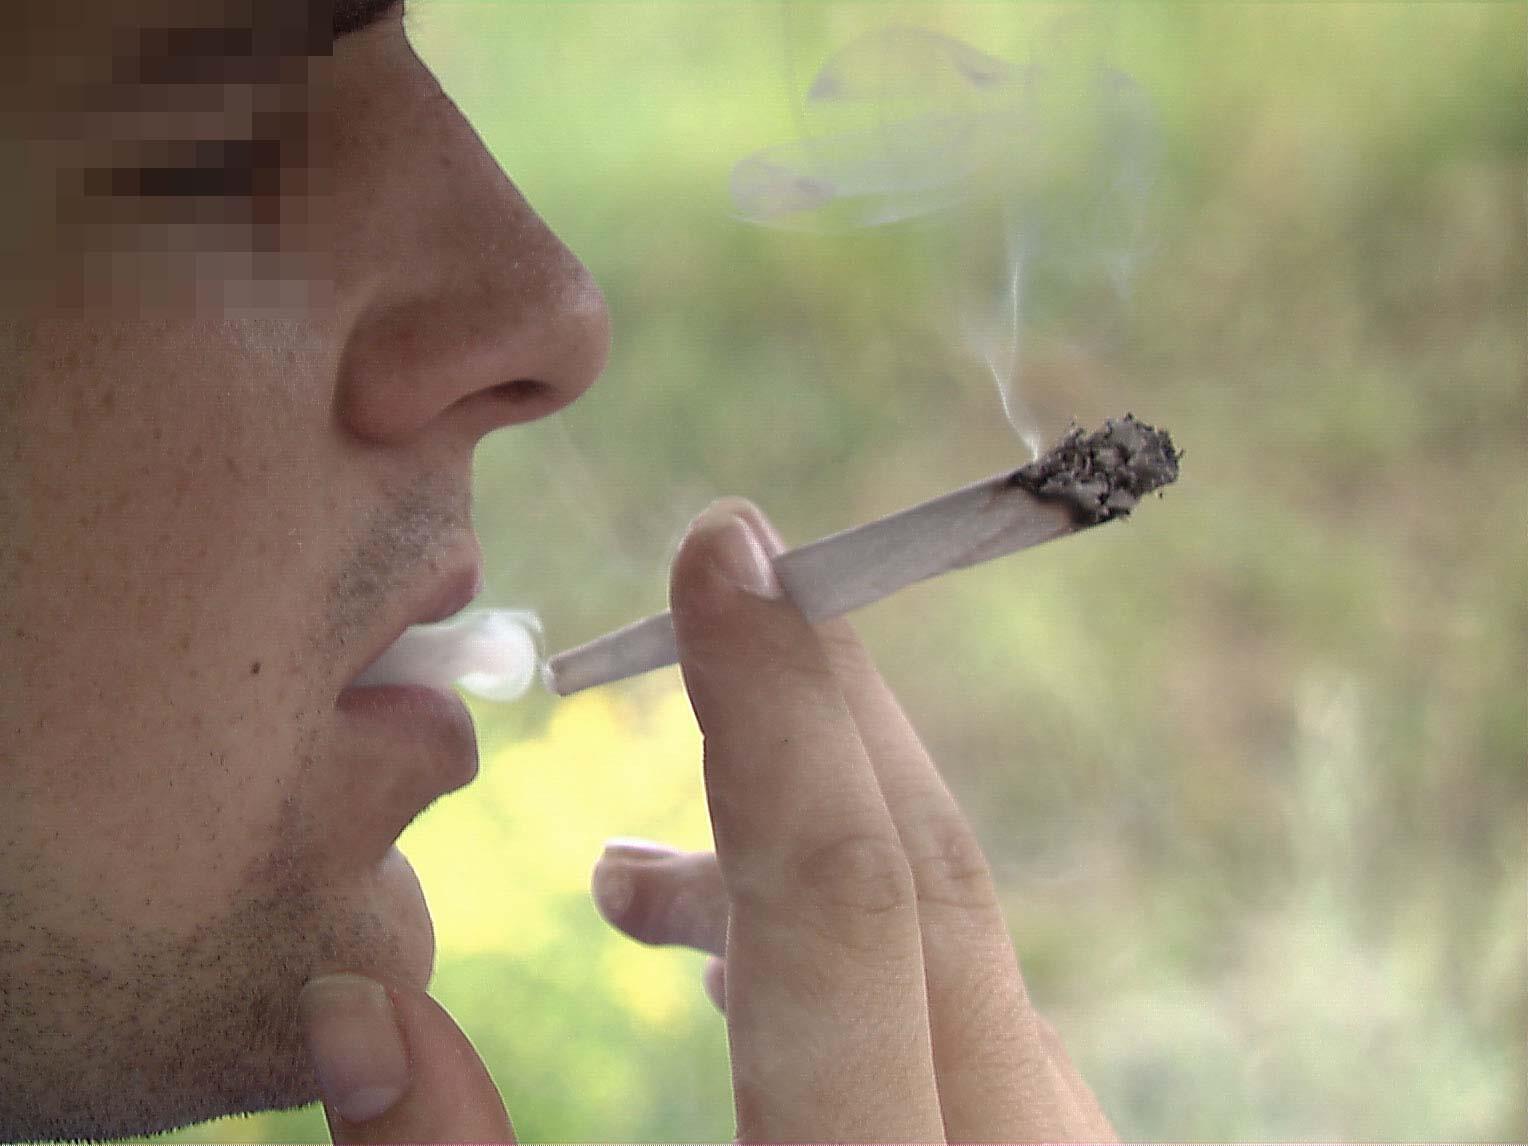 Sein Hang zum Joint und Geschäfte mit Marihuana werden einen 22-Jährigen nach der Verurteilung teuer zu stehen kommen.